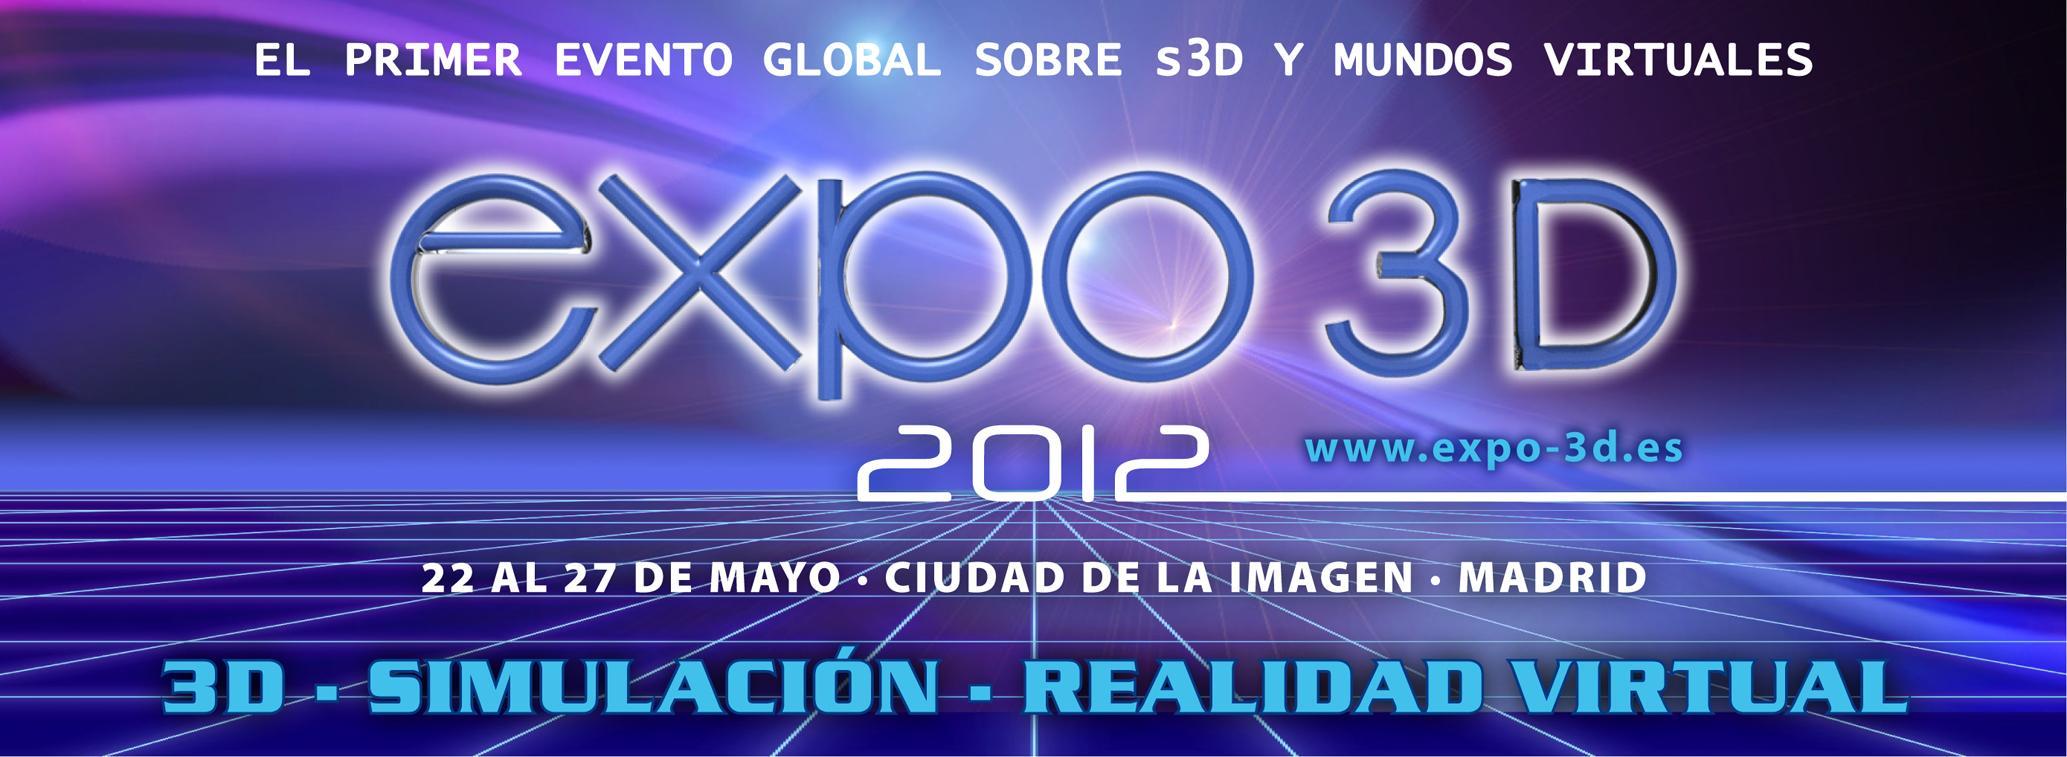 Expo 3D-expo-3d.jpg